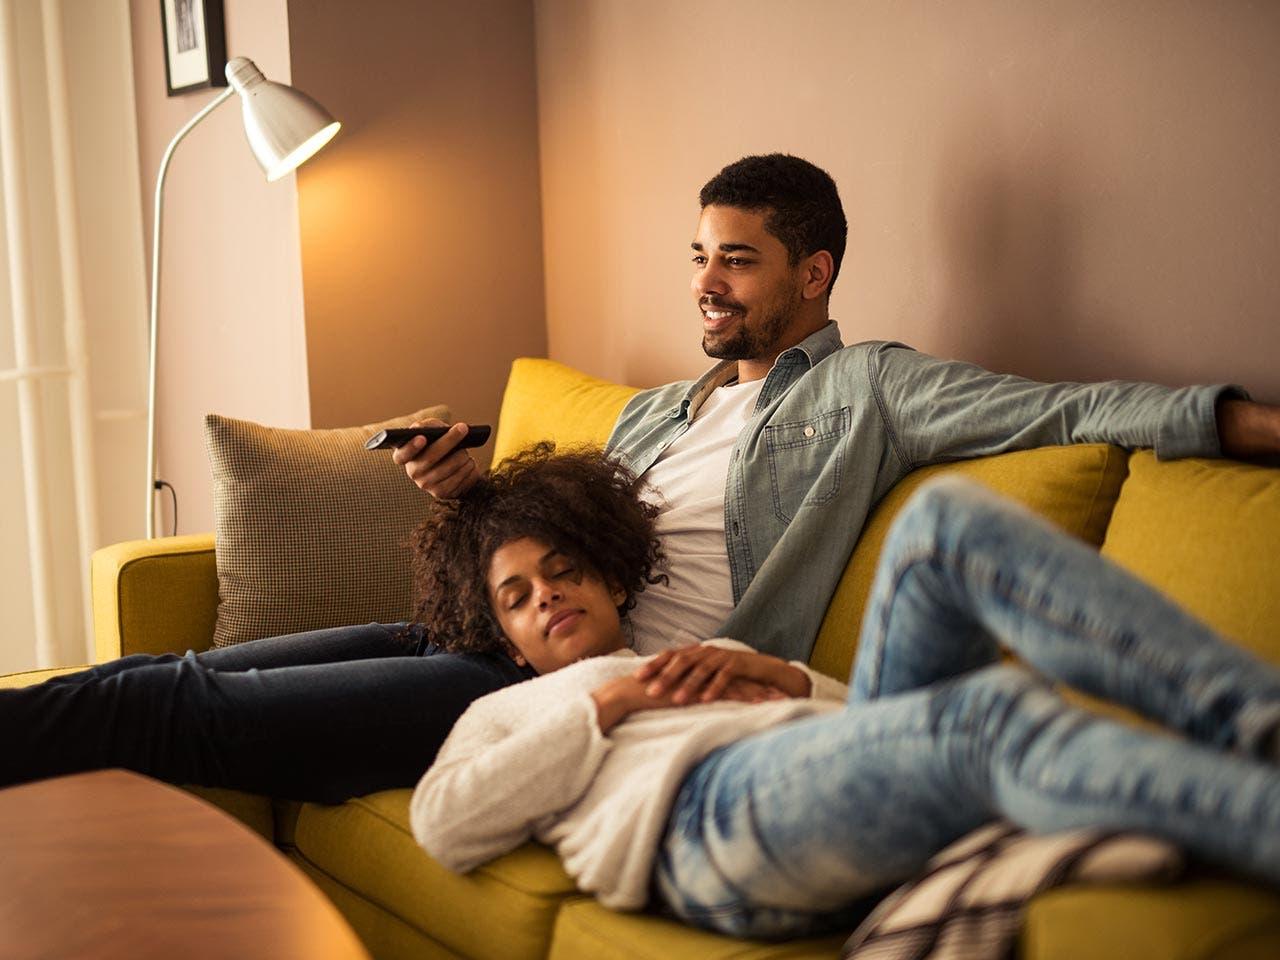 Take a nap | bbernard/Shutterstock.com